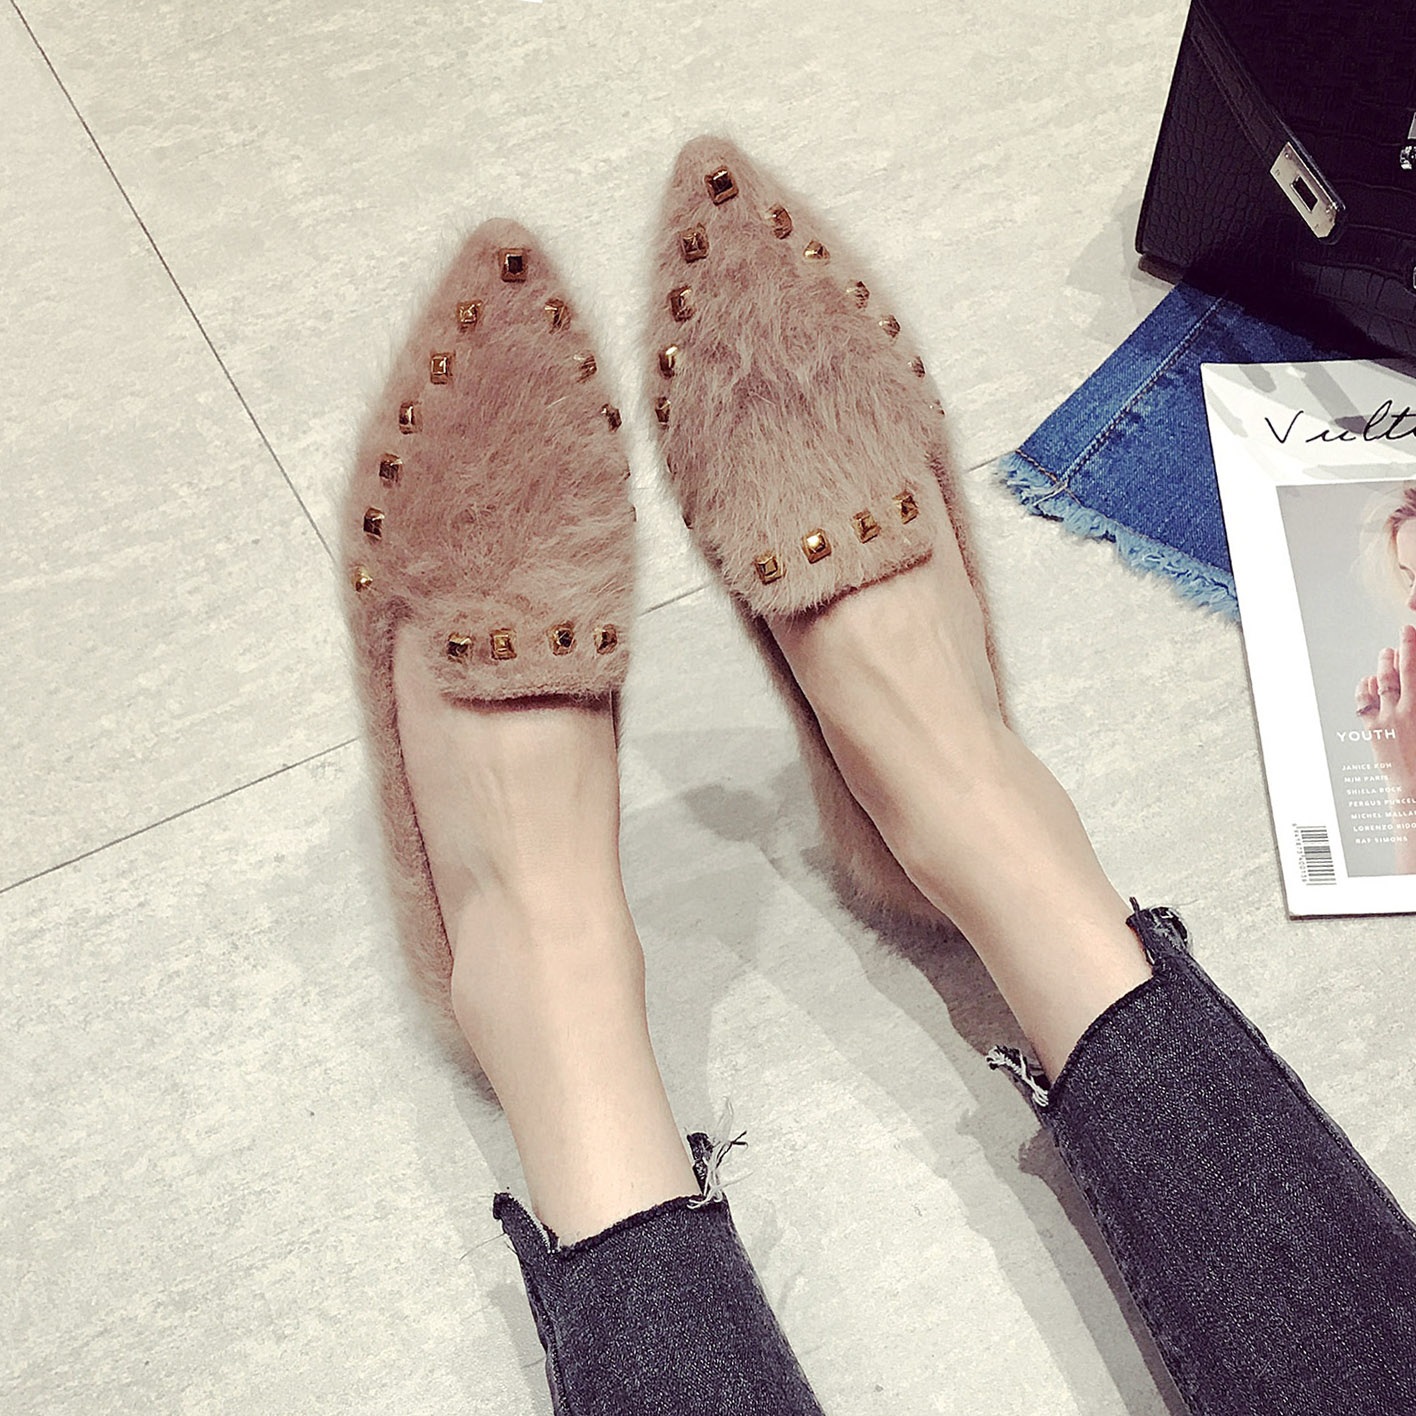 尖头平底鞋大码单鞋女鞋秋季2017新款百搭棉鞋女冬季保暖加绒铆钉